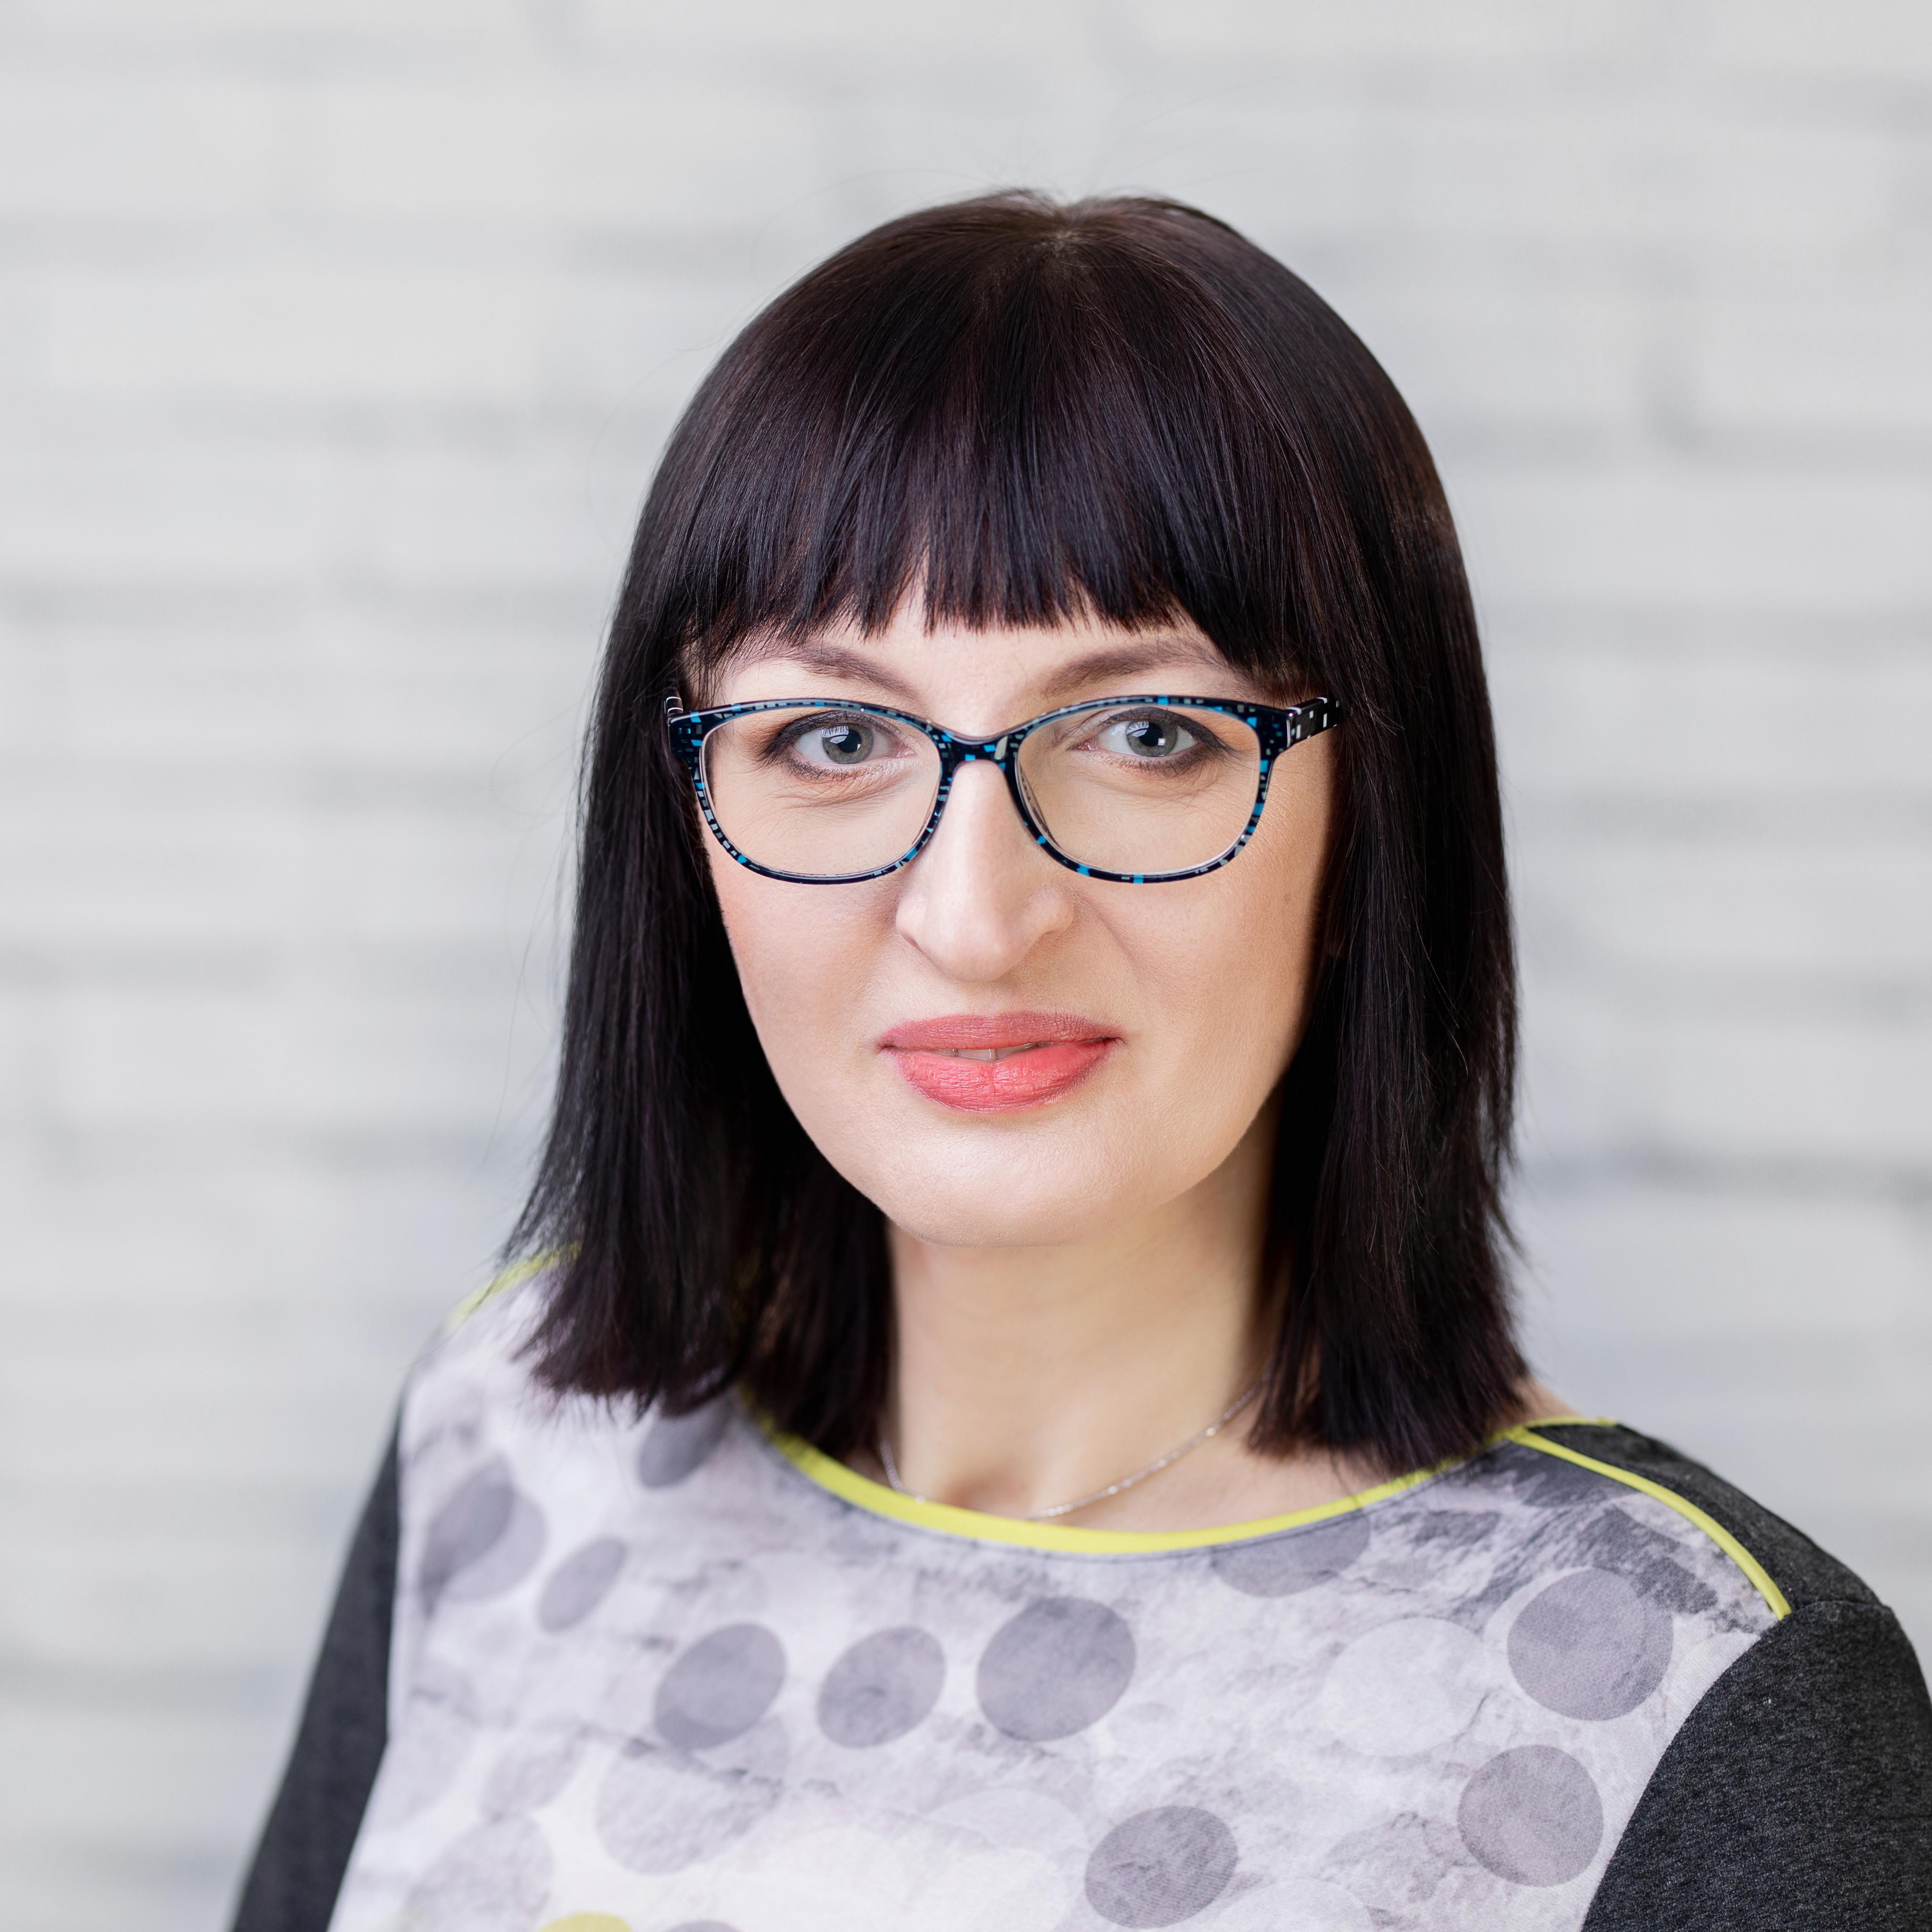 Йоанна Сасин